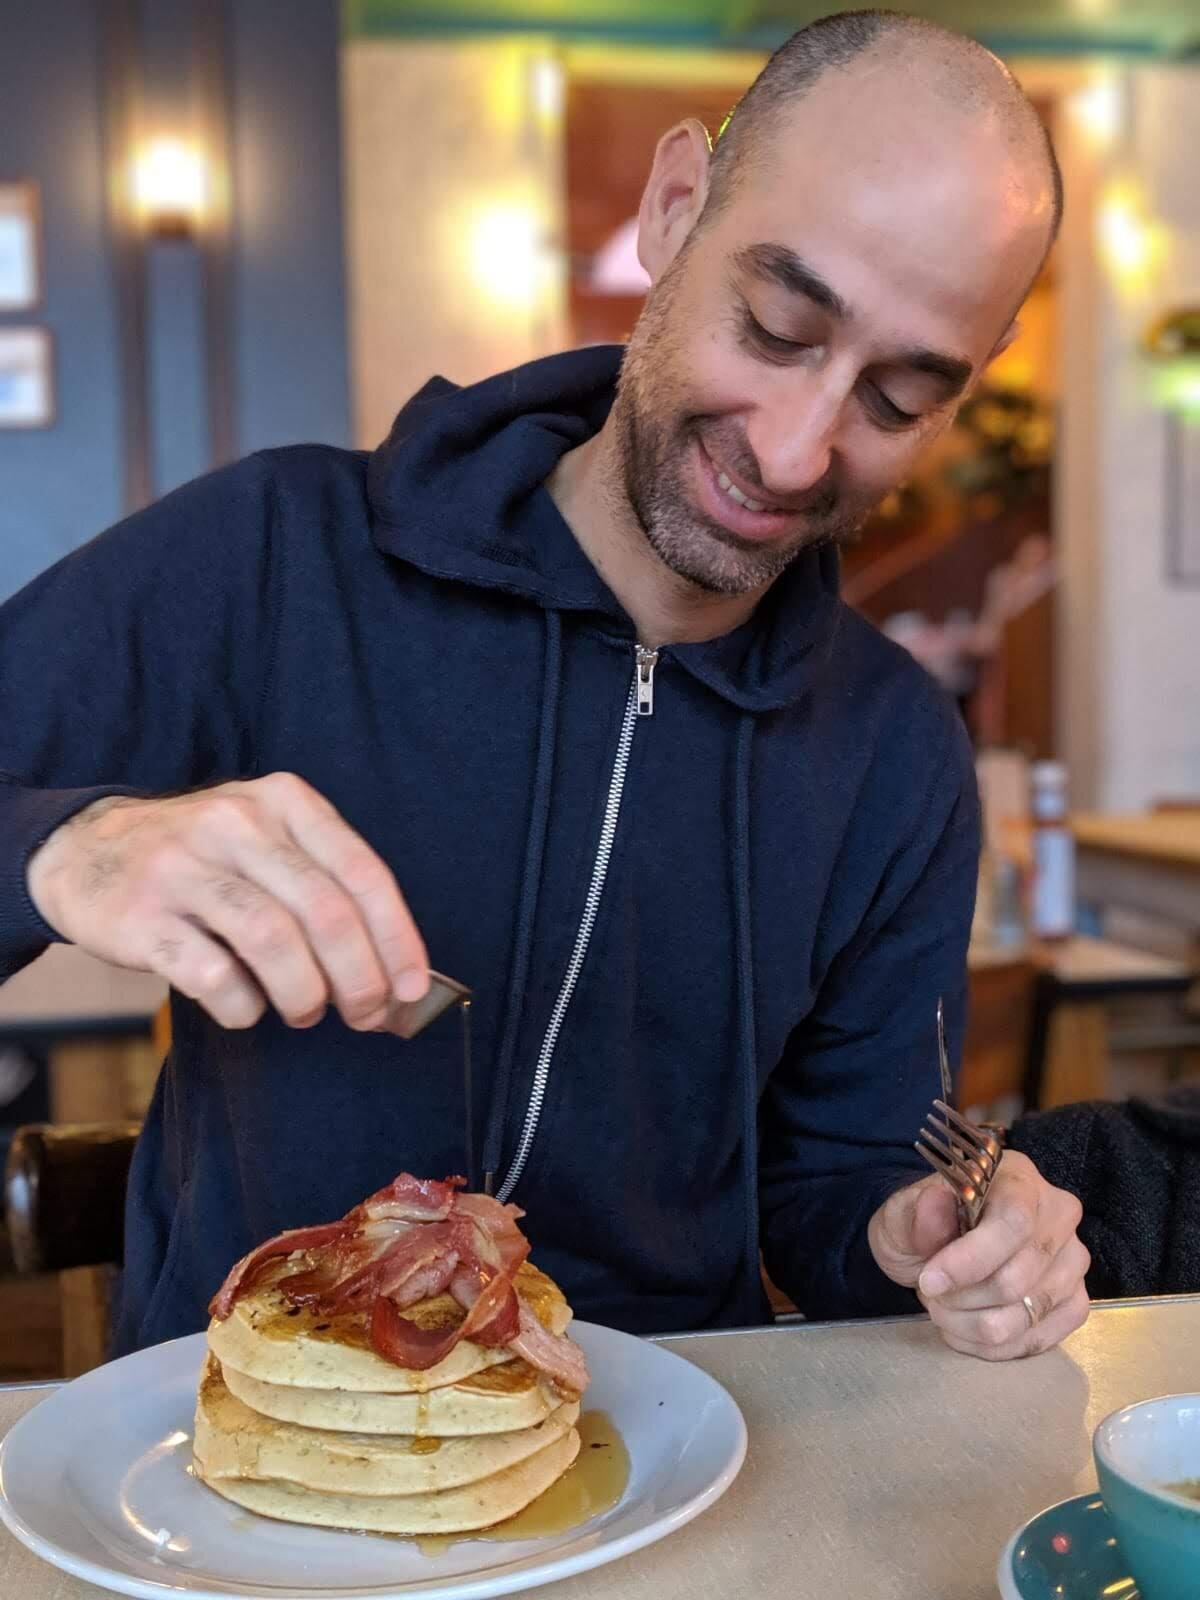 Eitan - Pancakes and Bacon